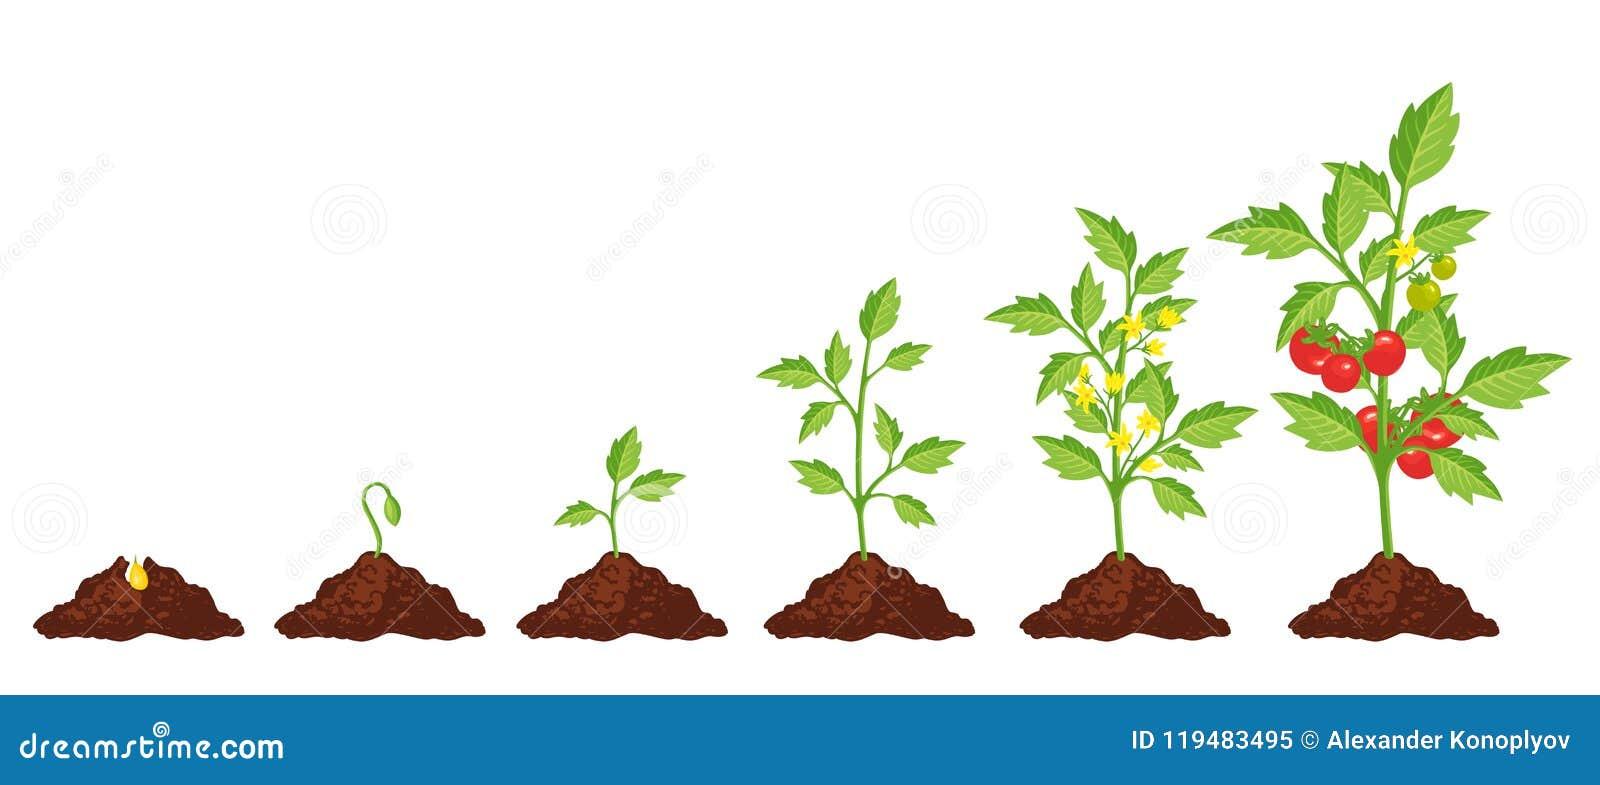 De groei van het tomatenstadium